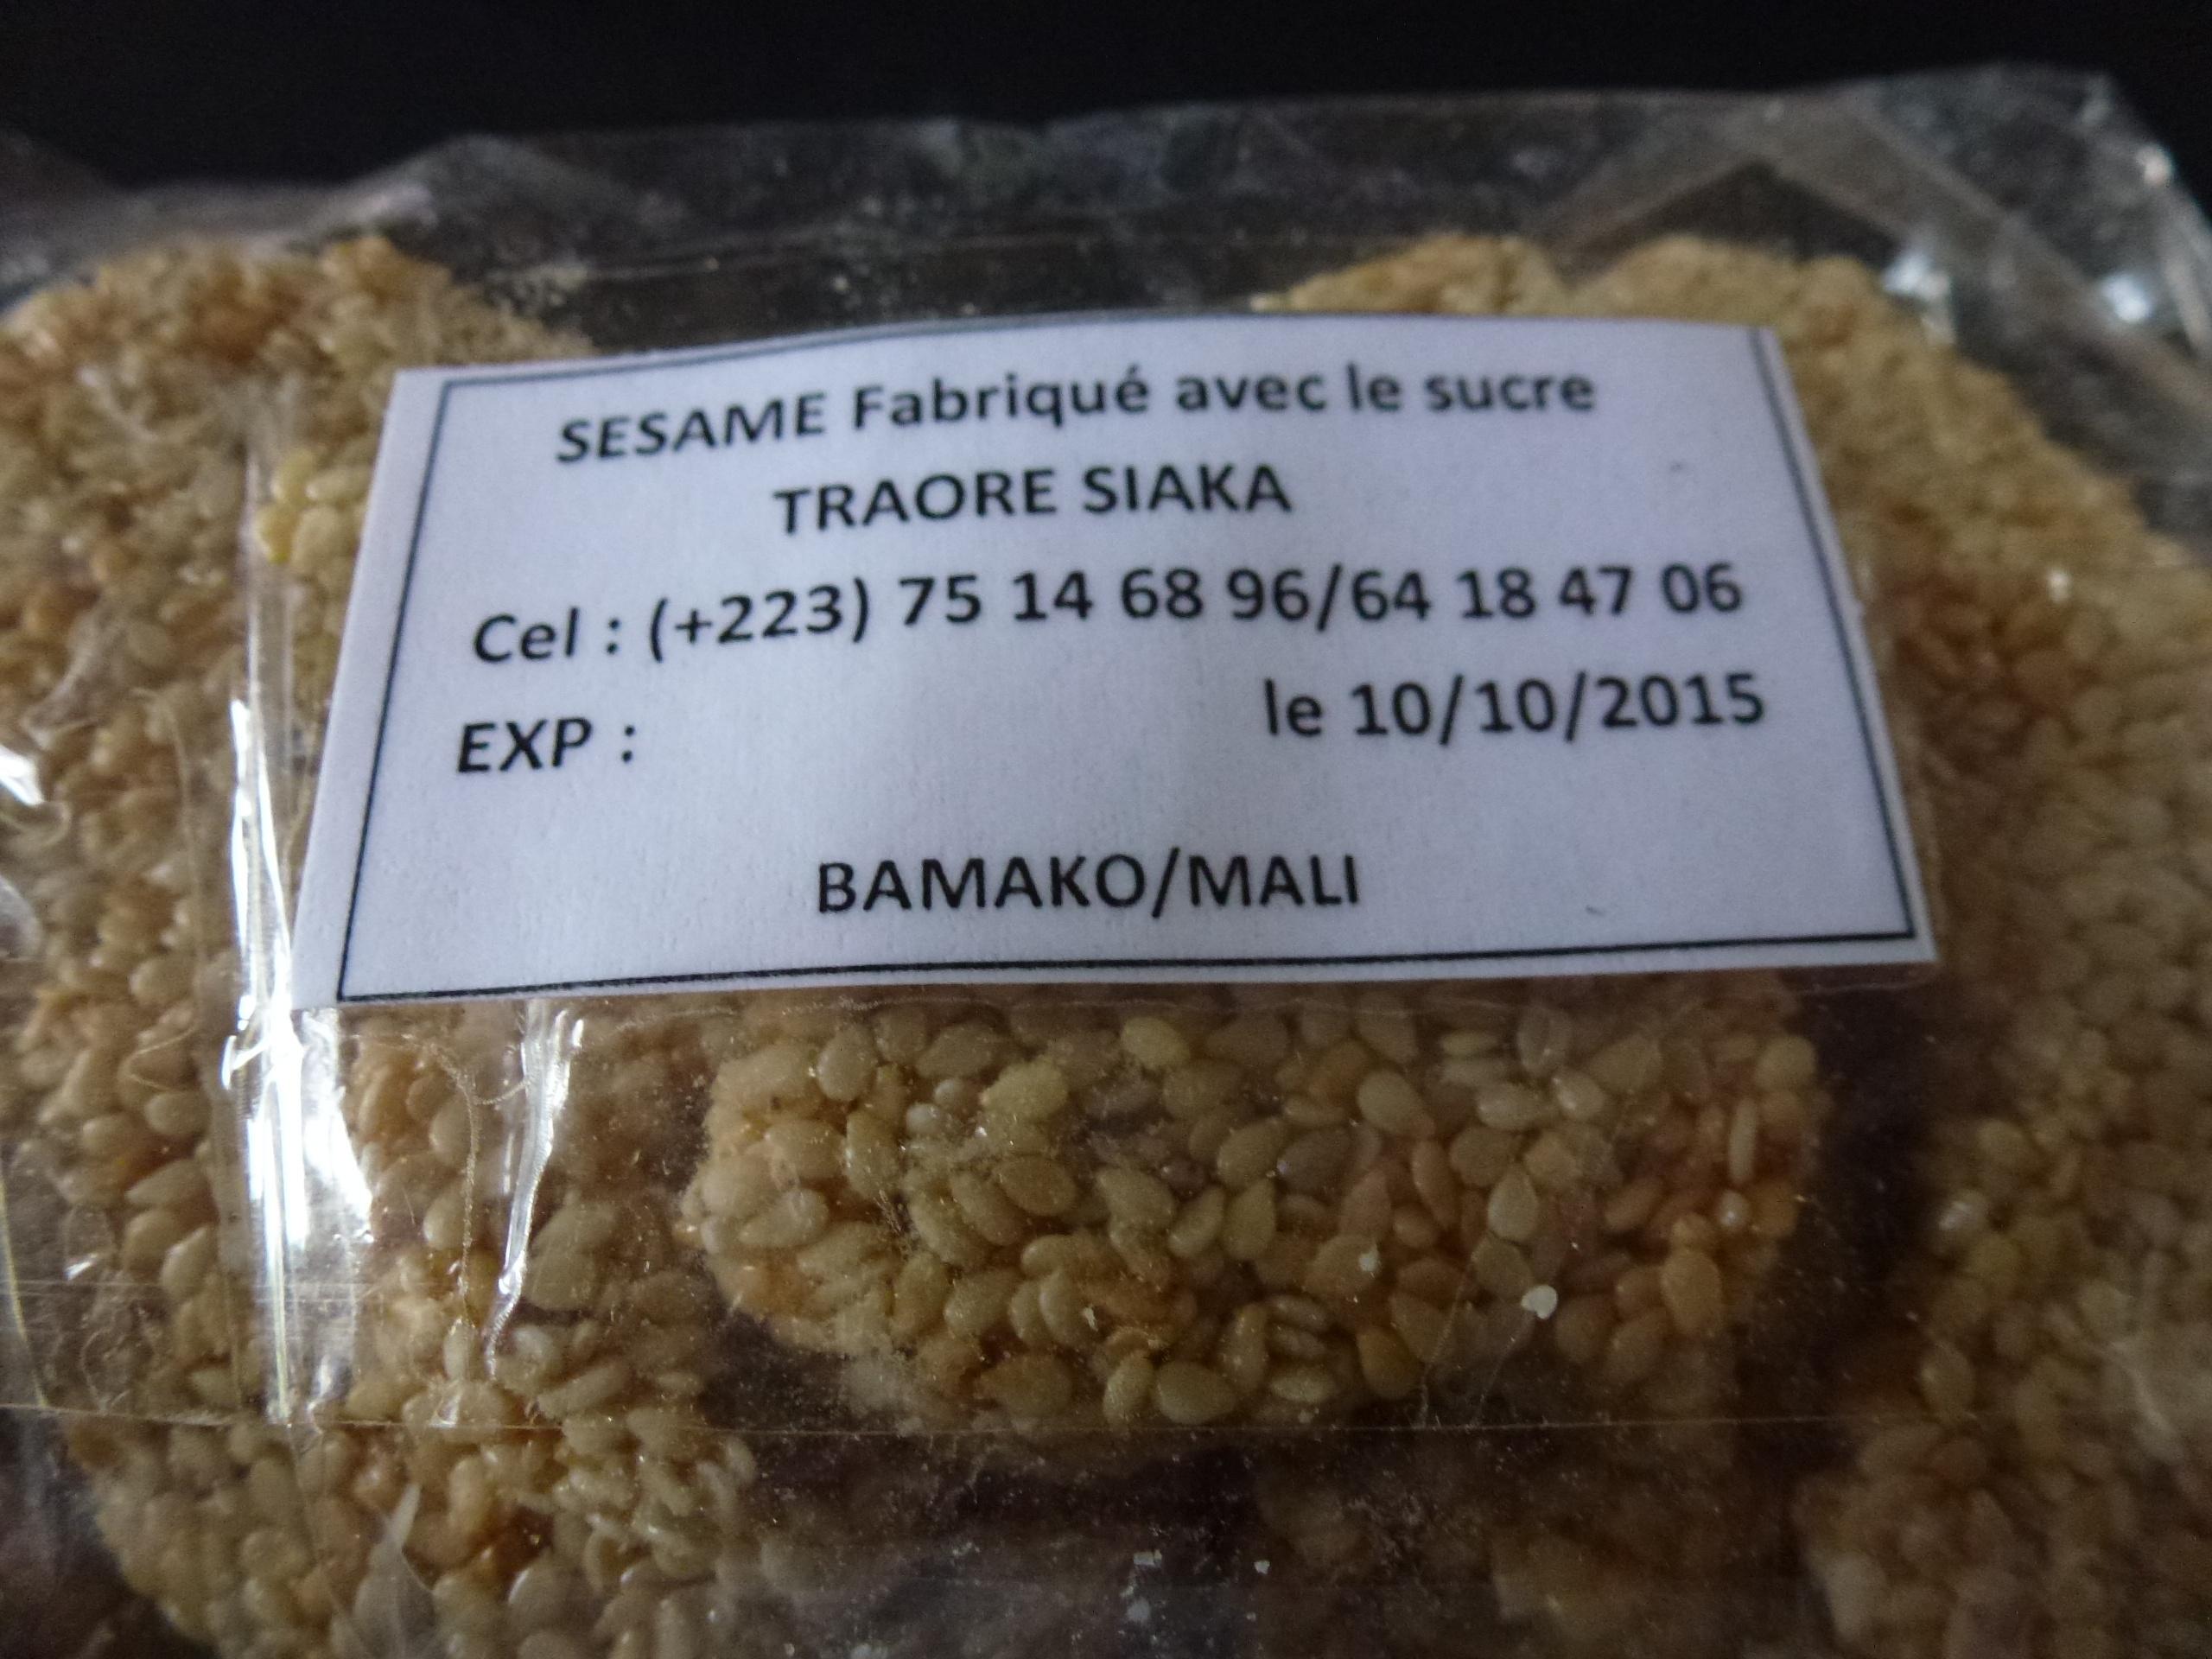 Sésame - Product